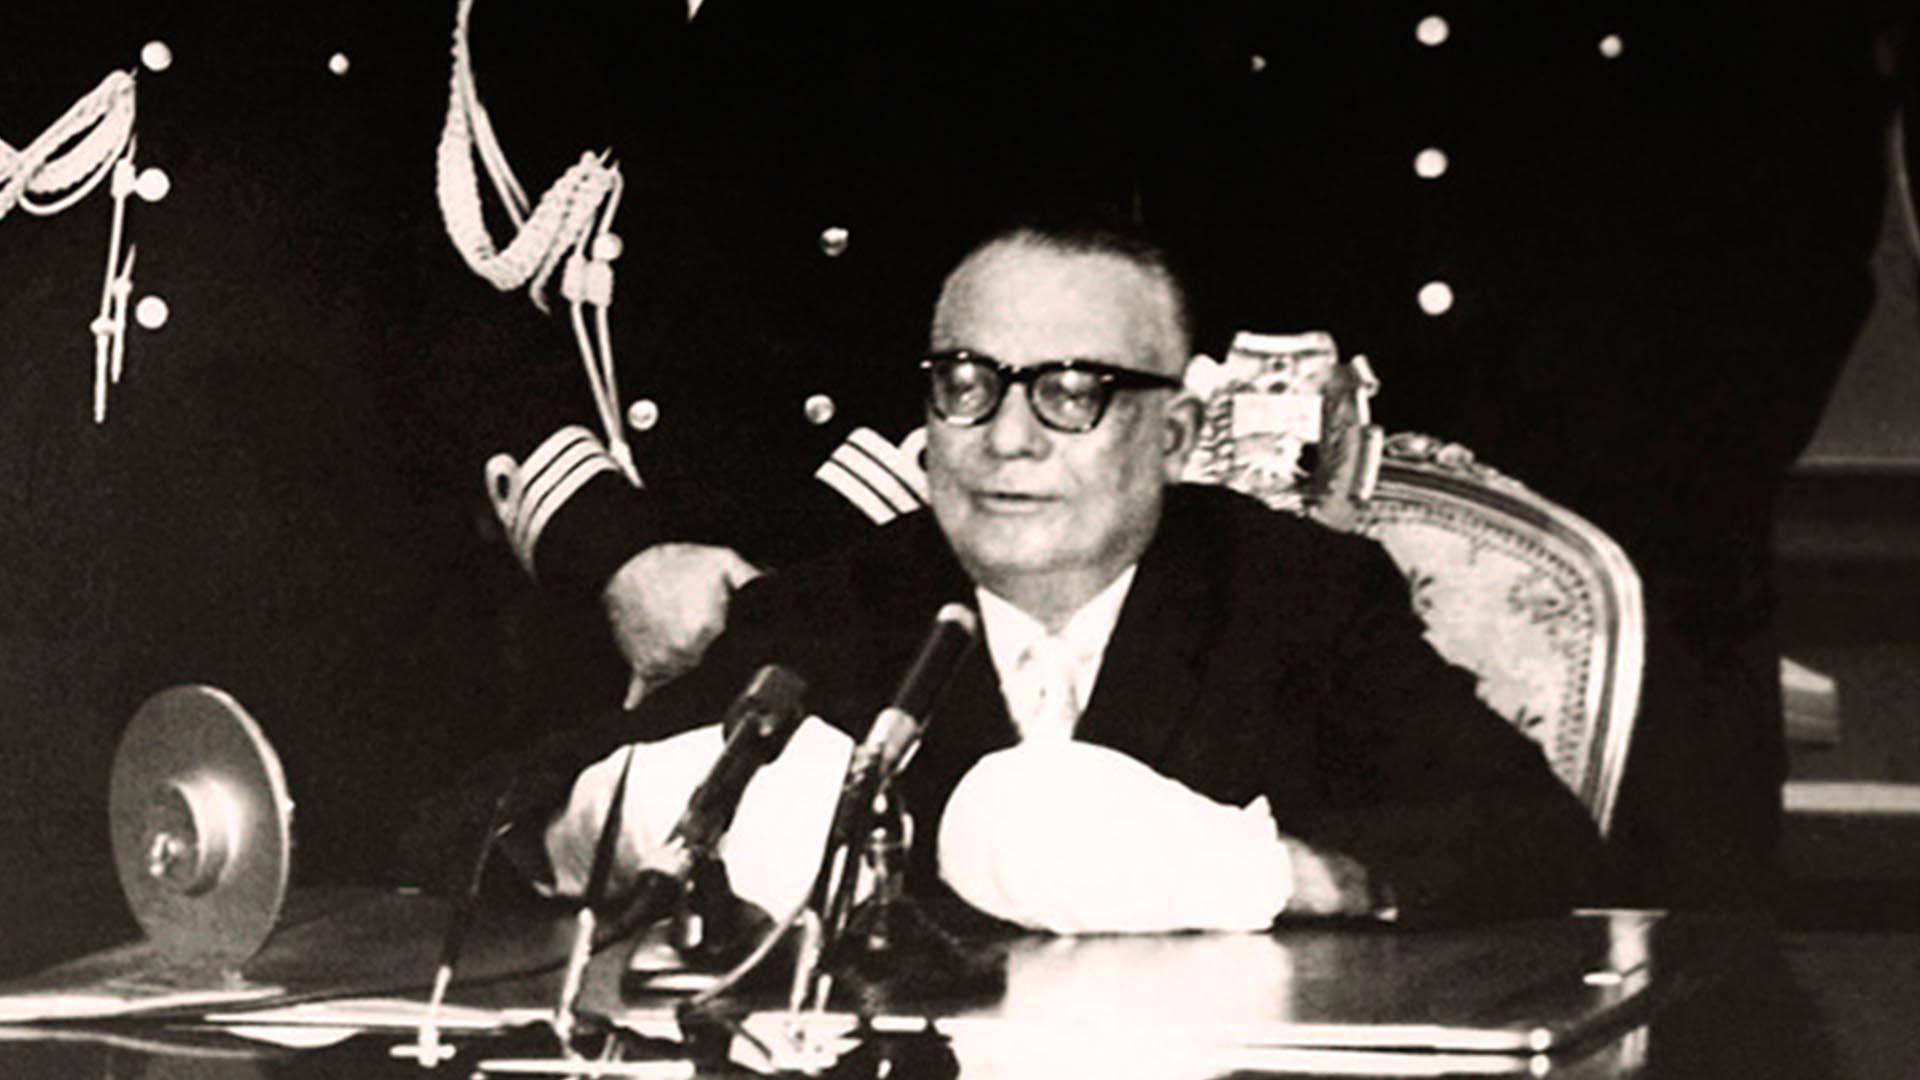 Una latencia llamada Milagros, atentado contra Rómulo Betancourt, por Víctor Suárez.